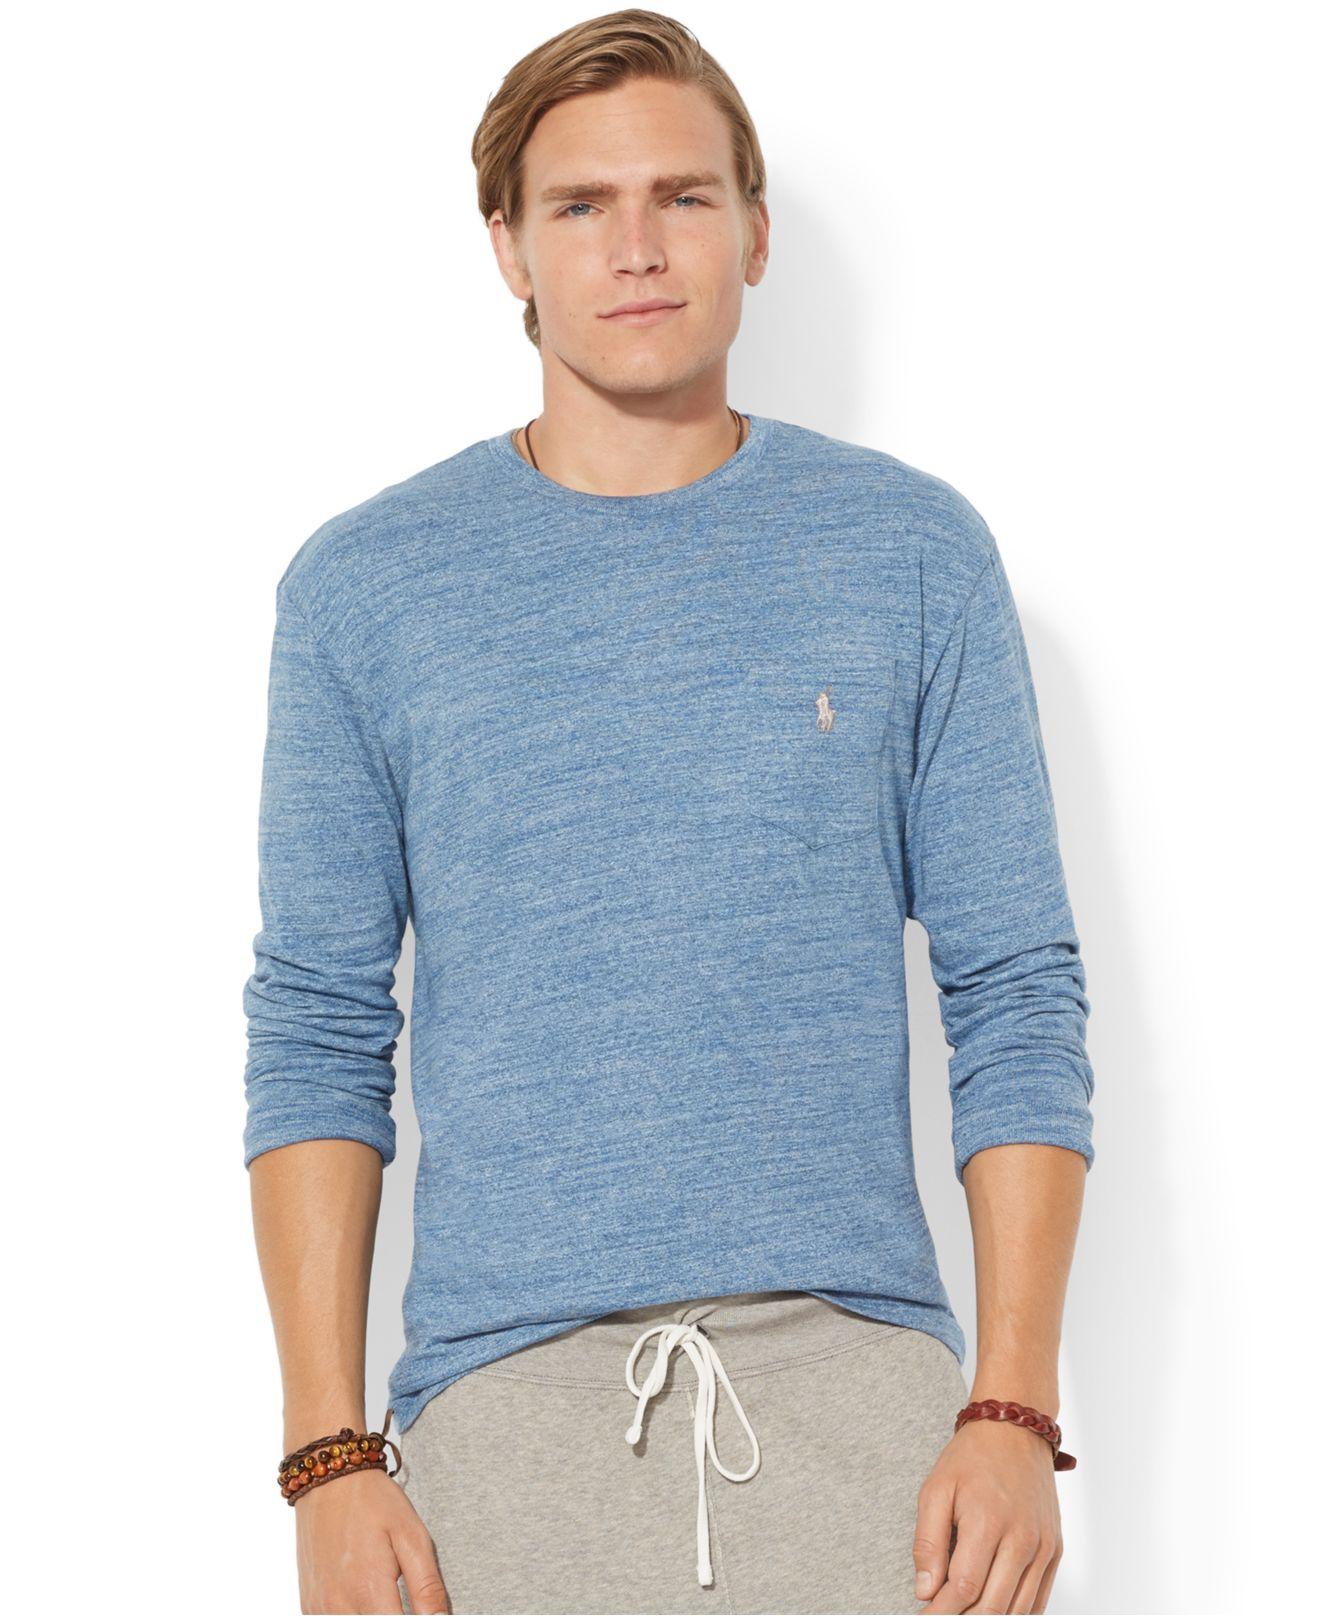 Polo ralph lauren classic fit long sleeved jersey pocket for Ralph lauren polo jersey shirt